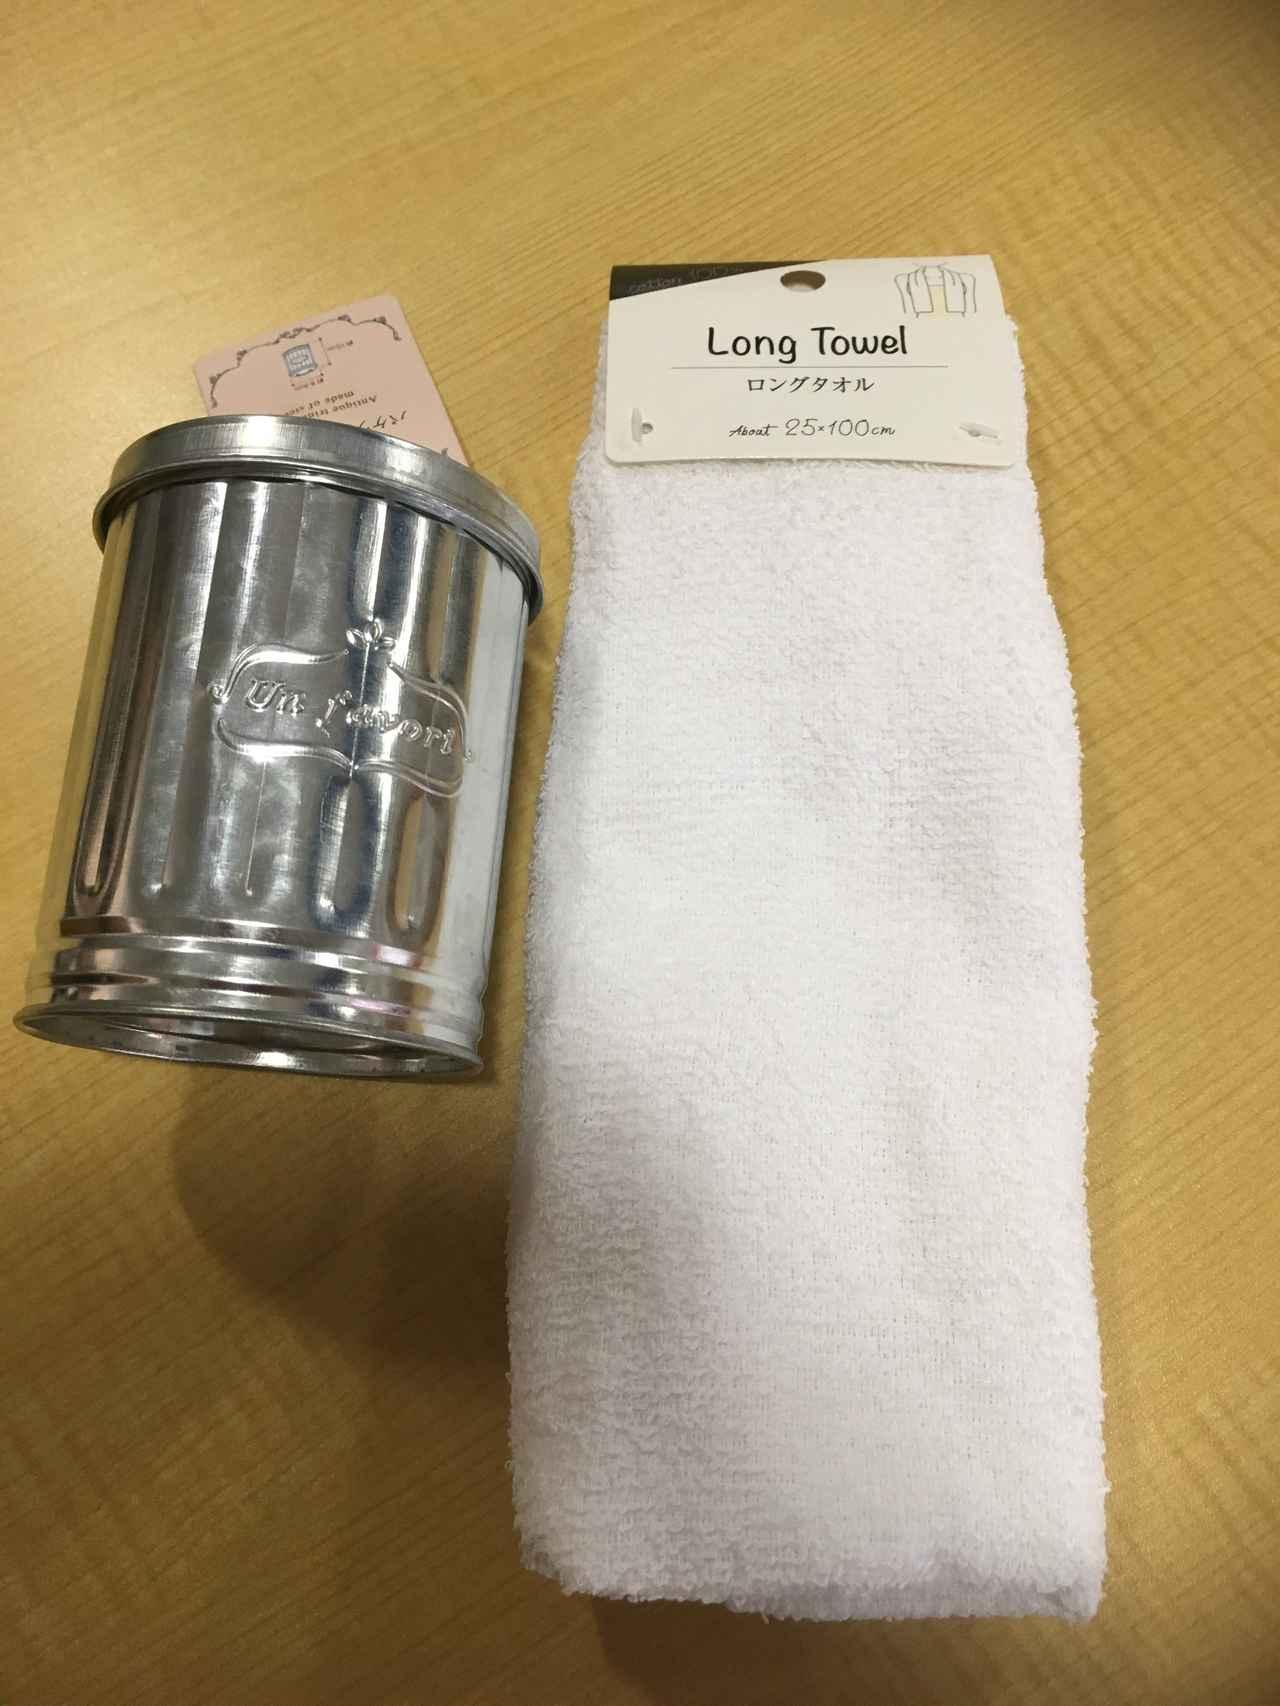 画像: 筆者撮影 ※100均で買った金属の入れ物と綿100%のタオル